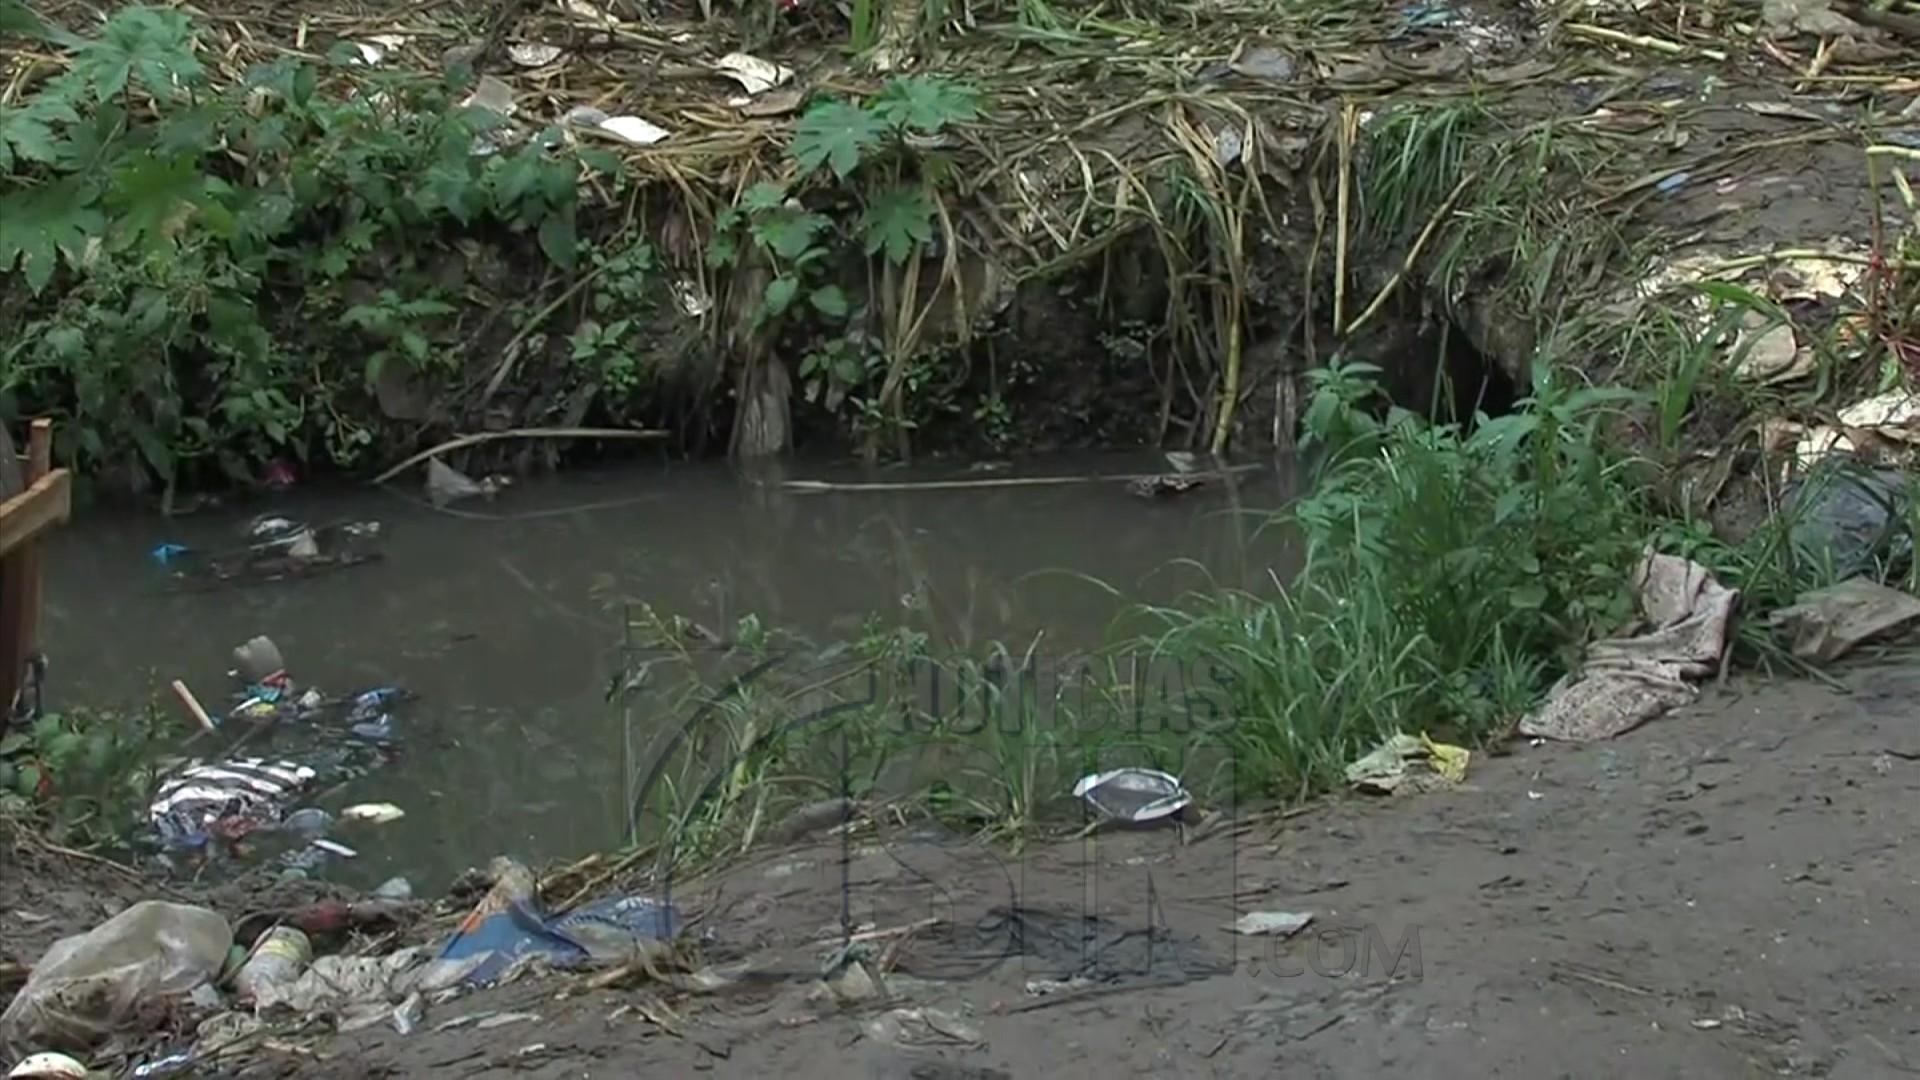 Aúnsin rastros de cocodrilo visto en cañada de Sabana Perdida